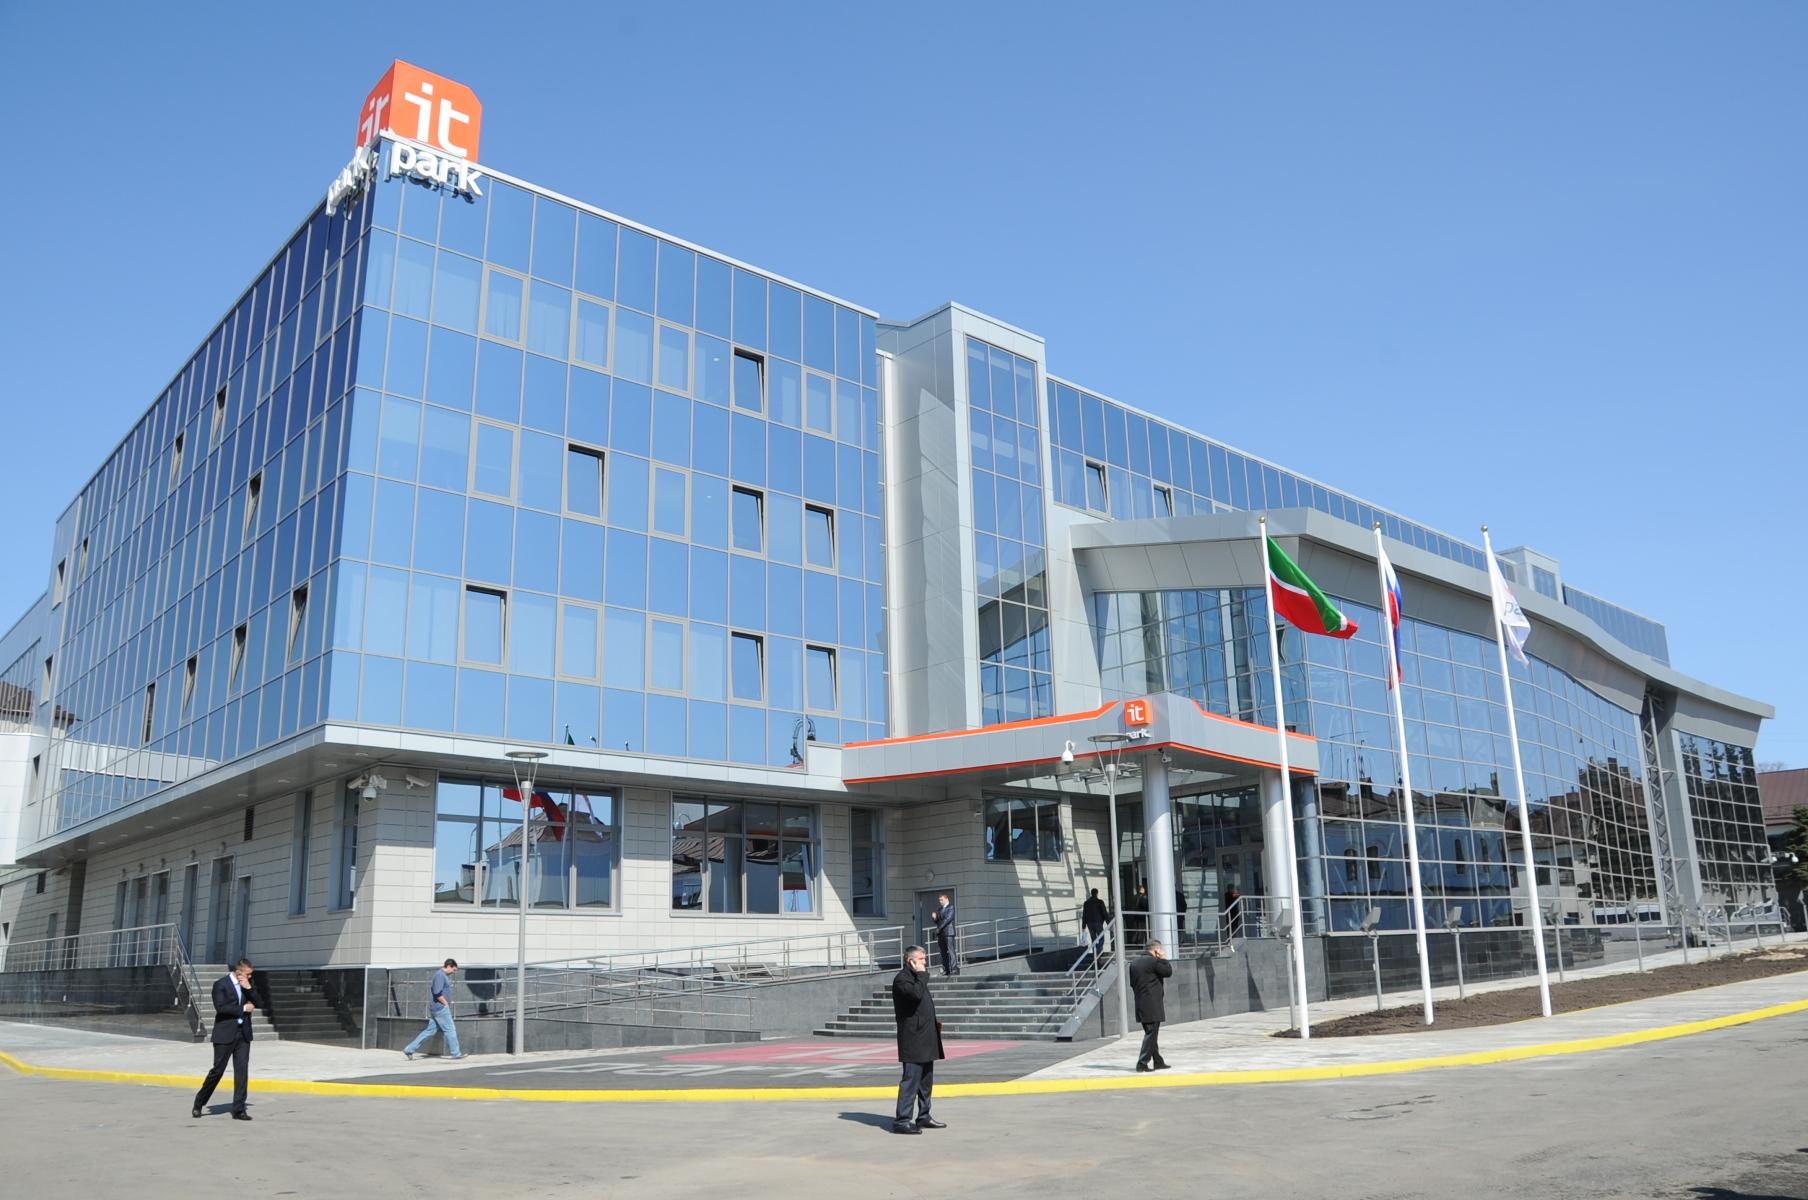 ИТ-парк в Казани. Фото: maincomp.ru